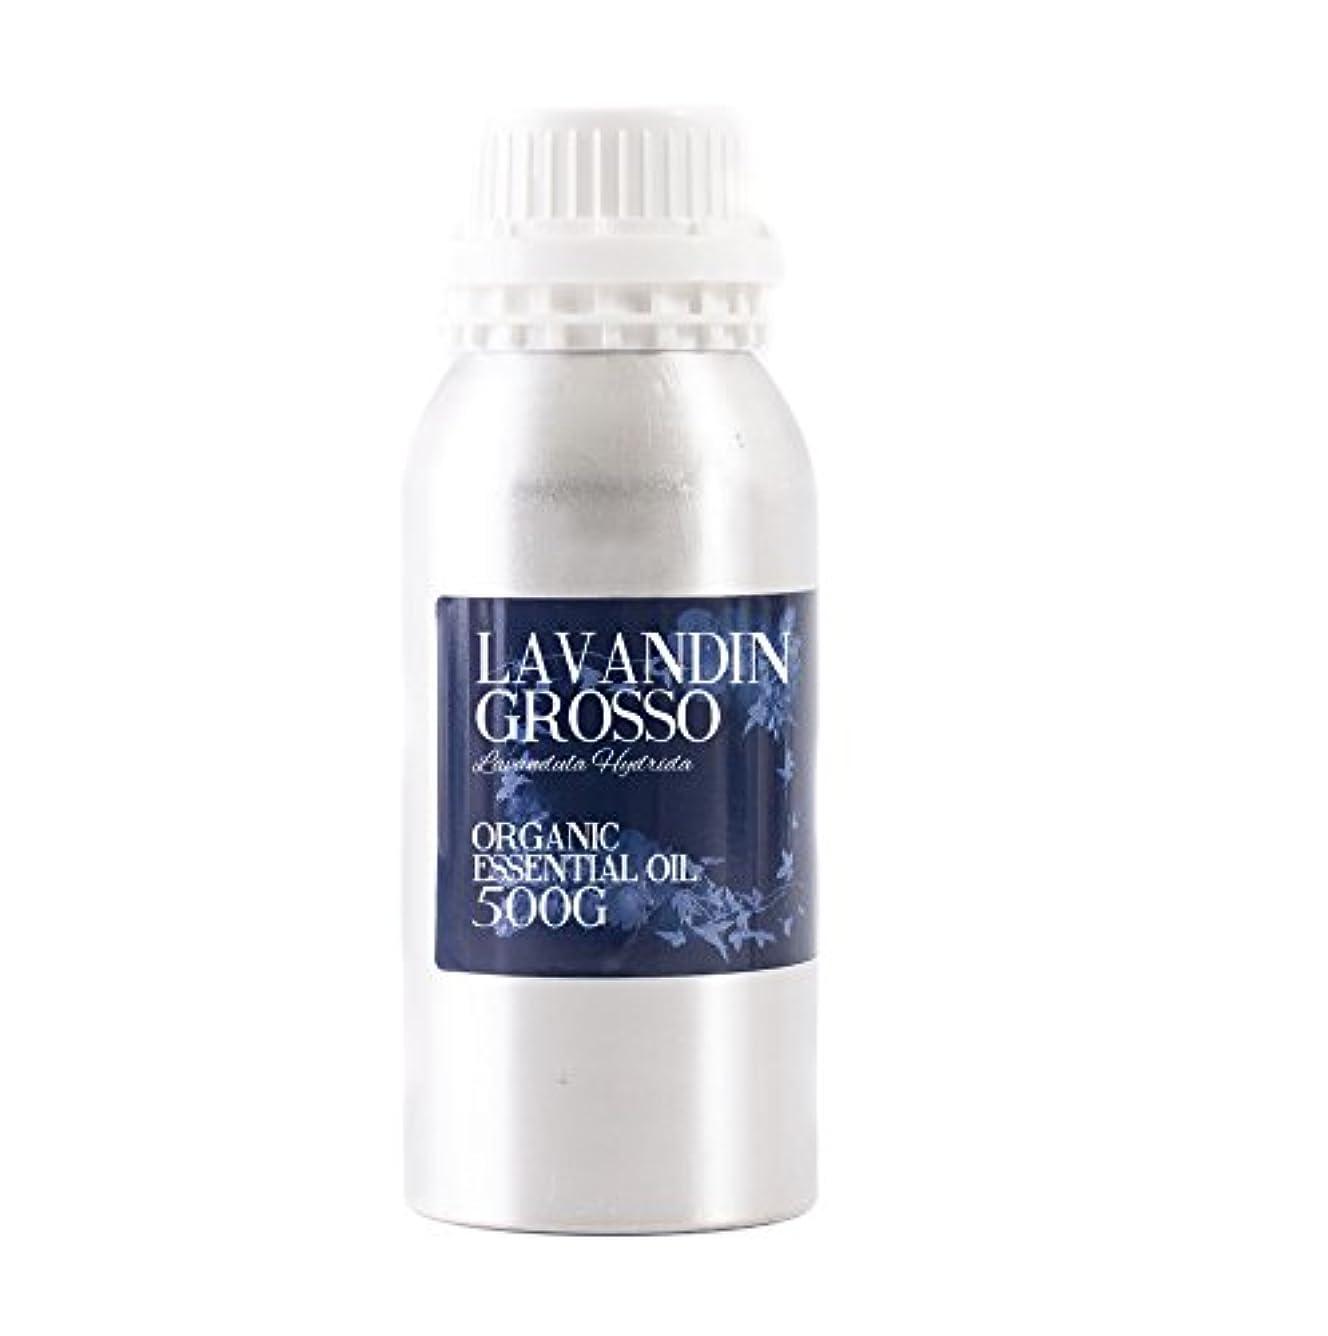 アブストラクトアジア自伝Mystic Moments | Lavandin Grosso Organic Essential Oil - 500g - 100% Pure